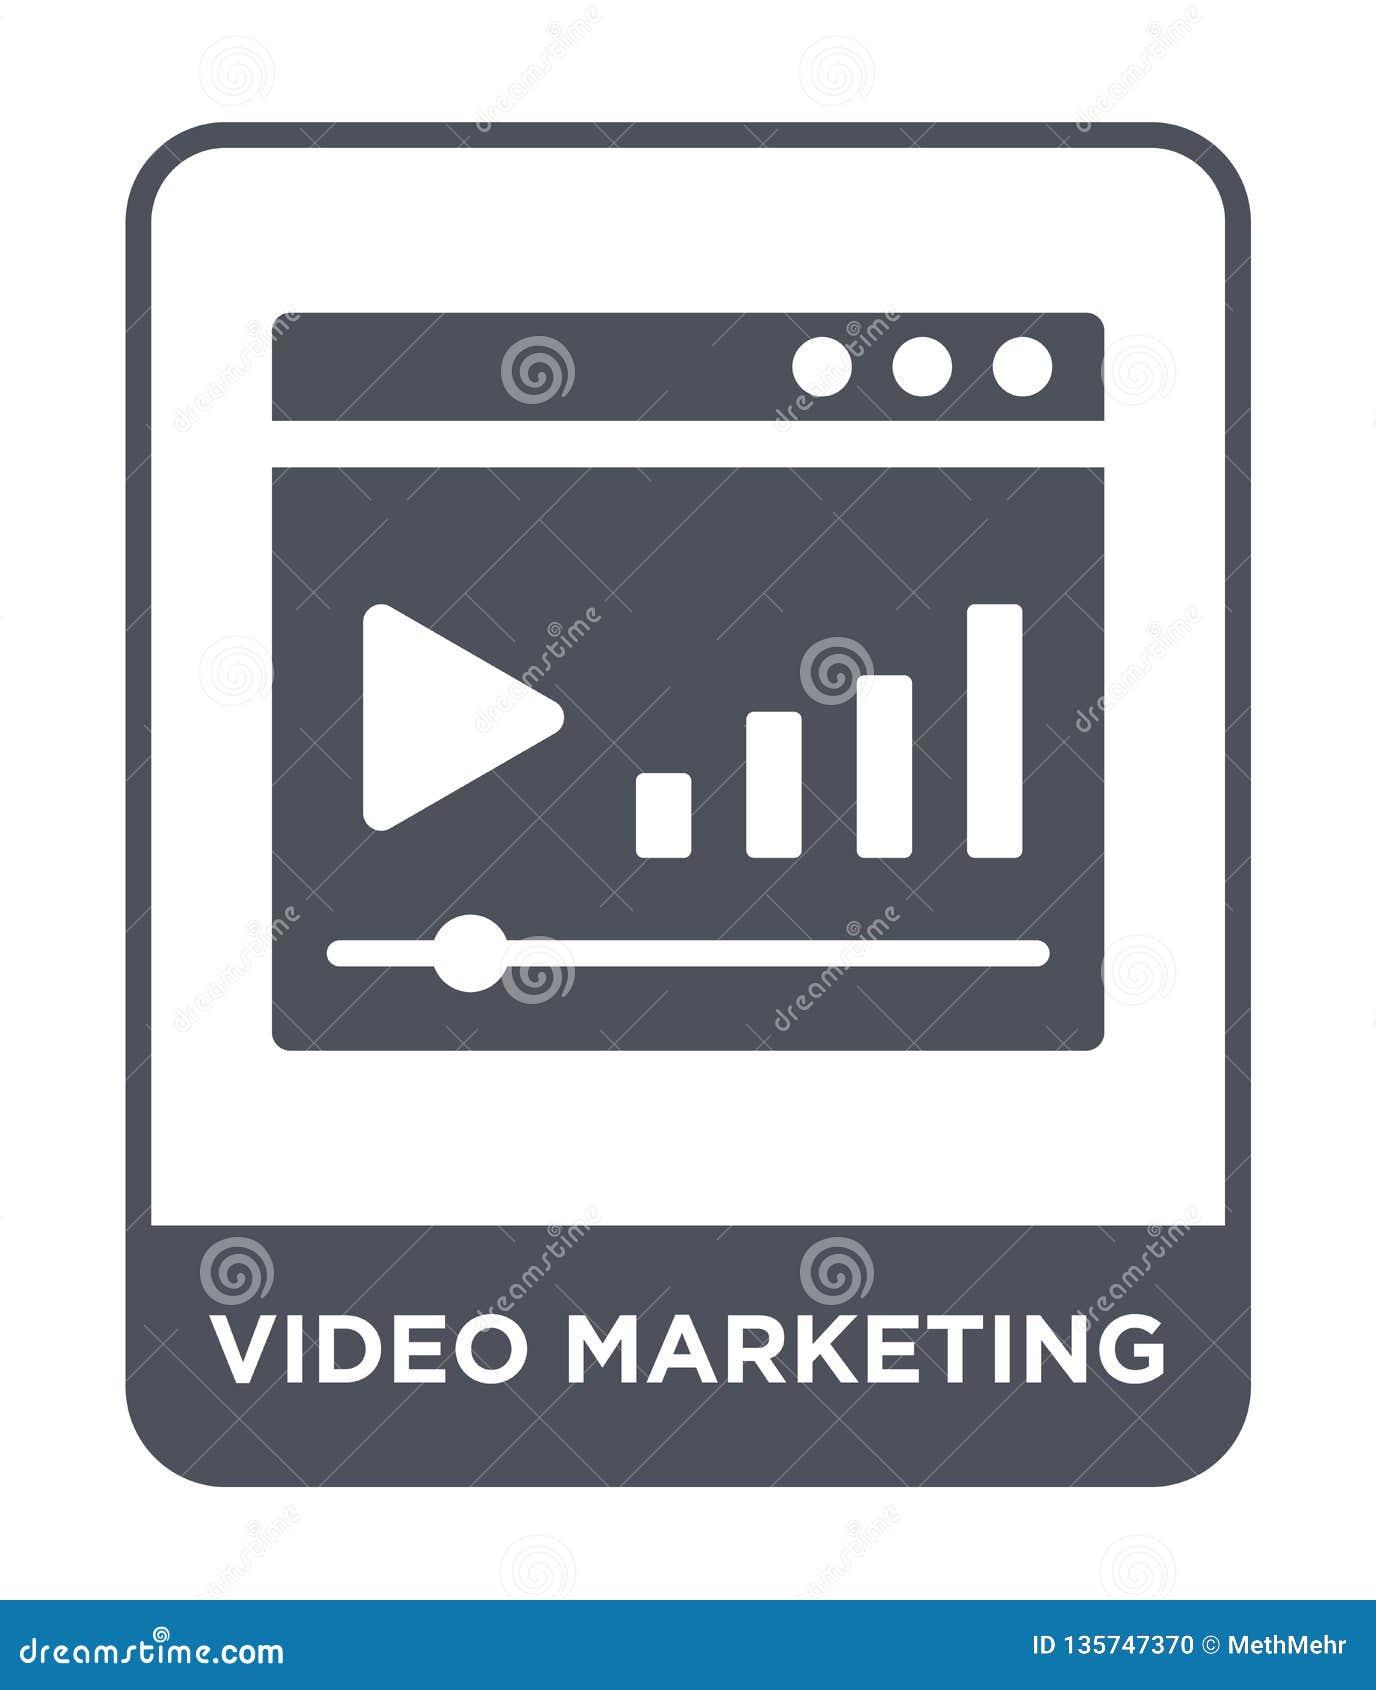 Icono de comercialización video en estilo de moda del diseño icono de comercialización video aislado en el fondo blanco icono de